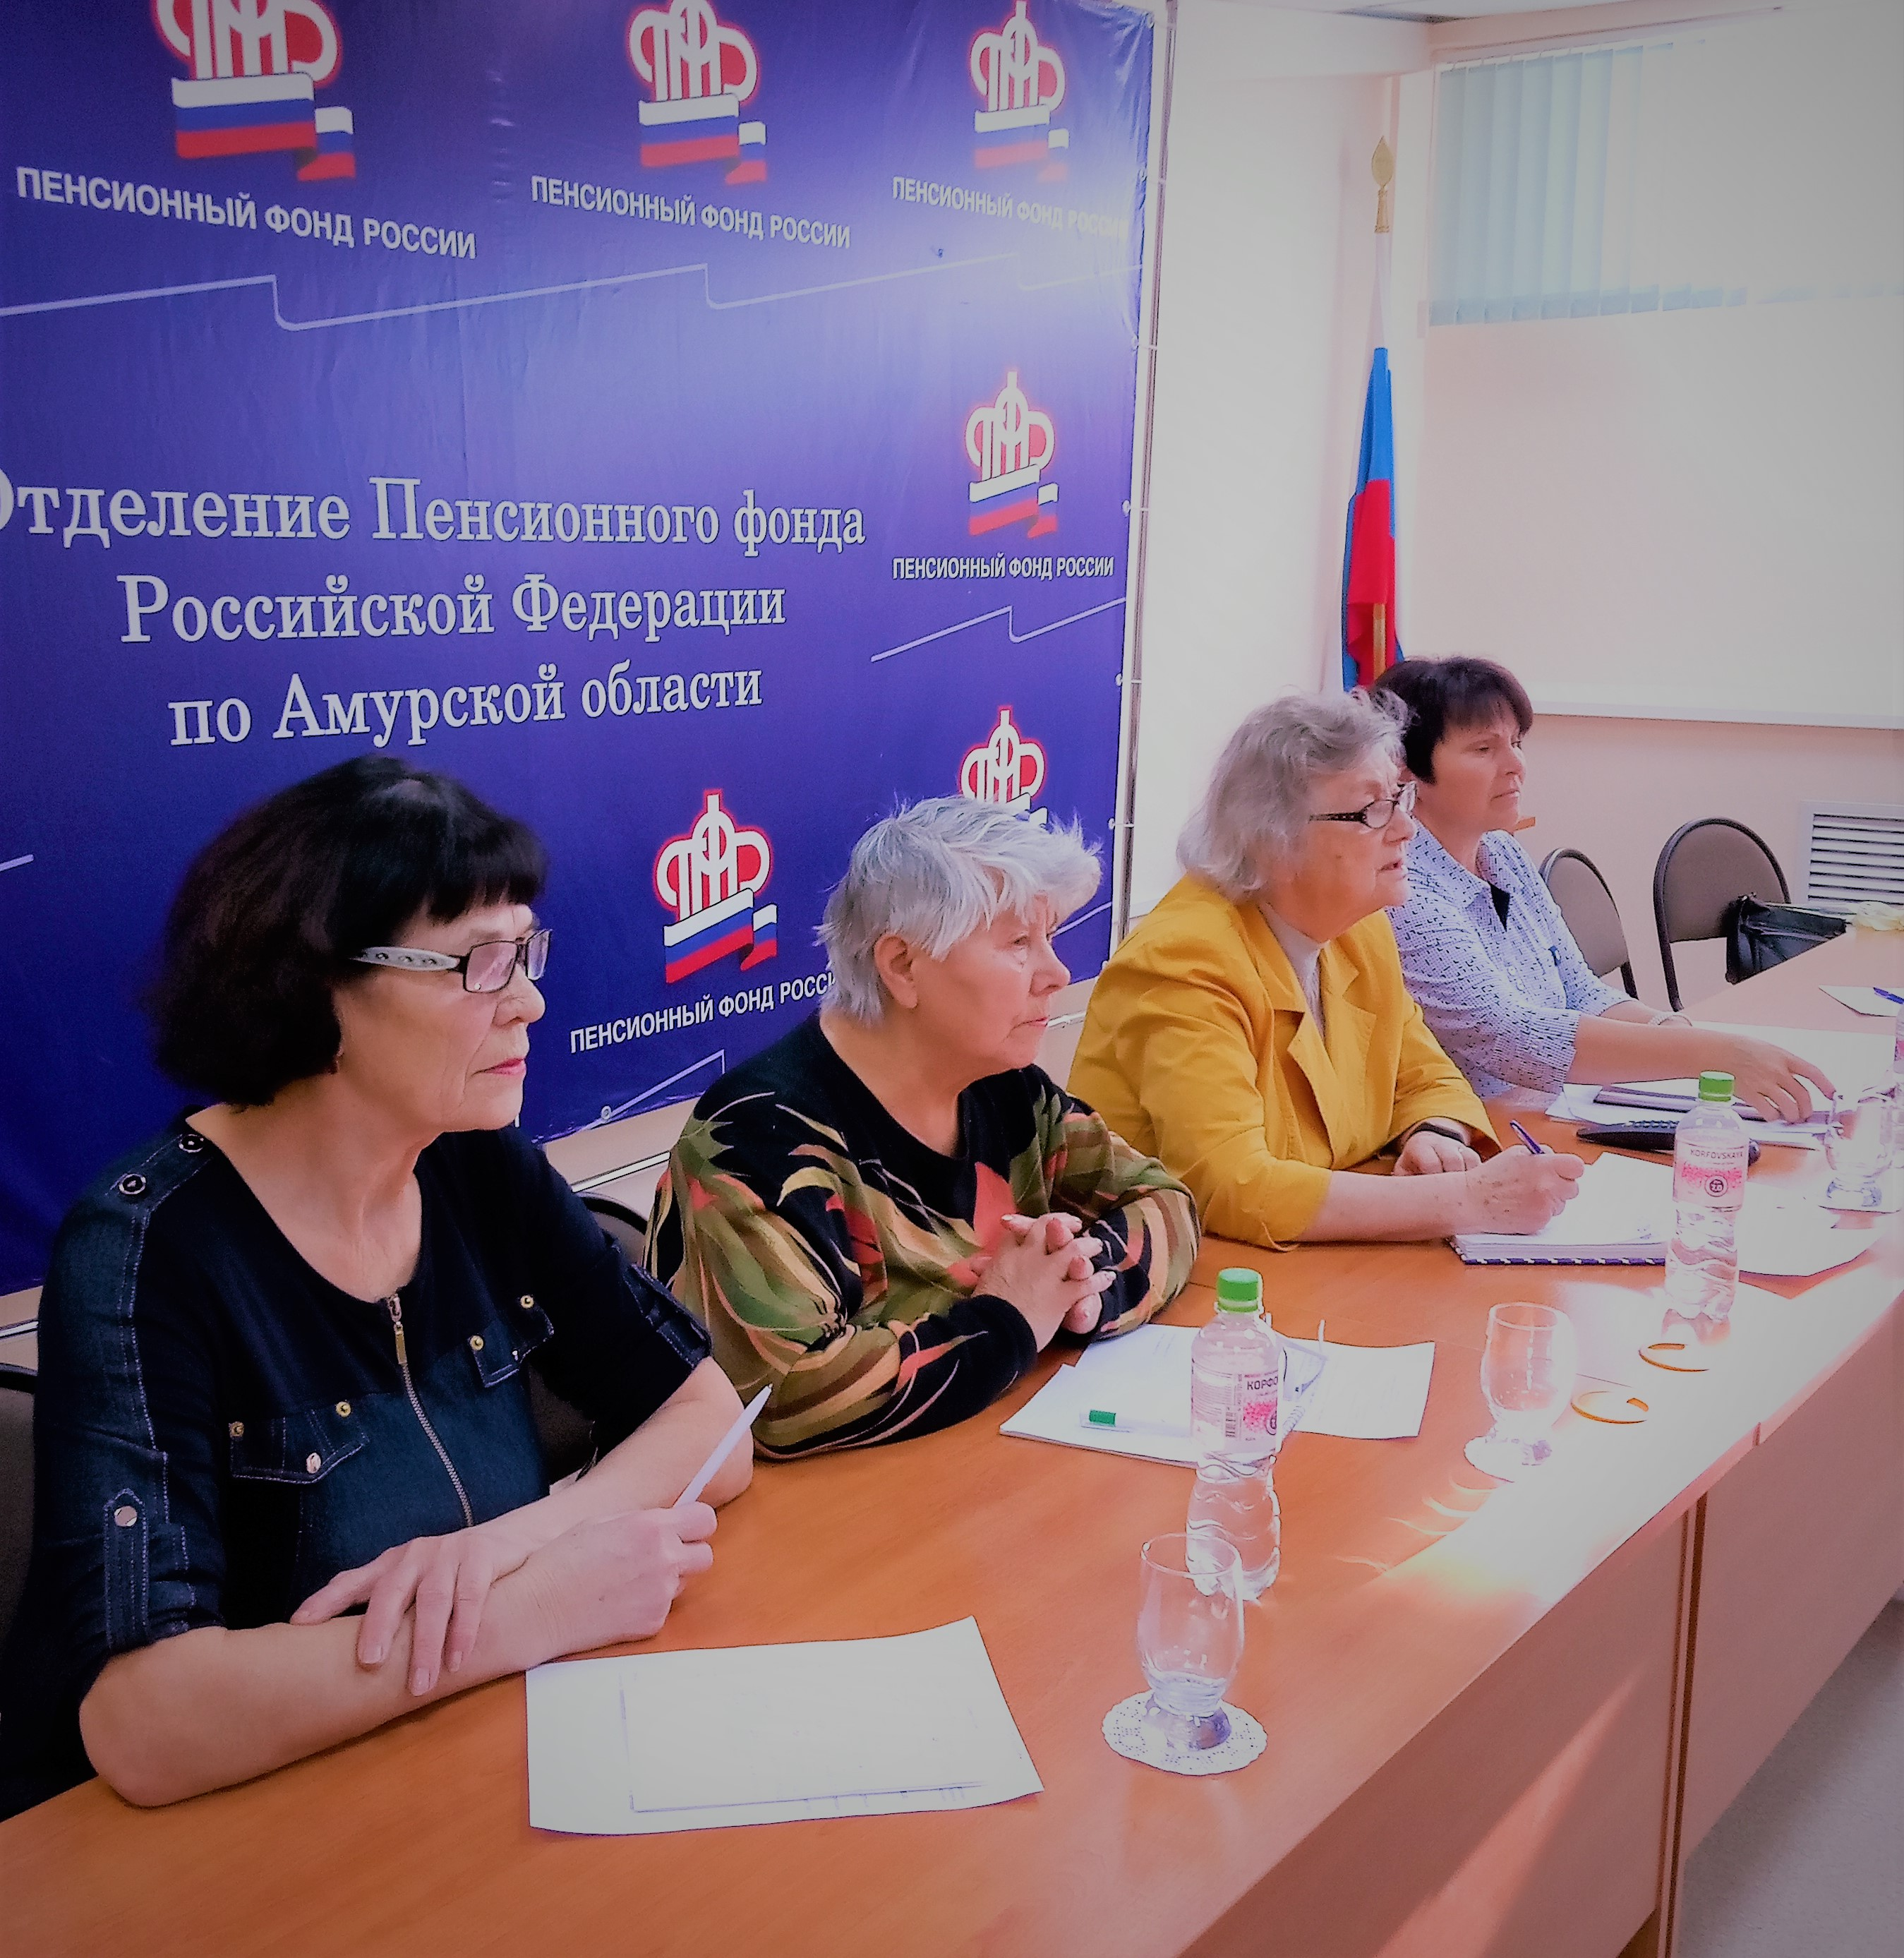 Видеоконференция заседания Правления АРО  Союза Пенсионеров России и местных отделений СПР состоялась 23.01.2020